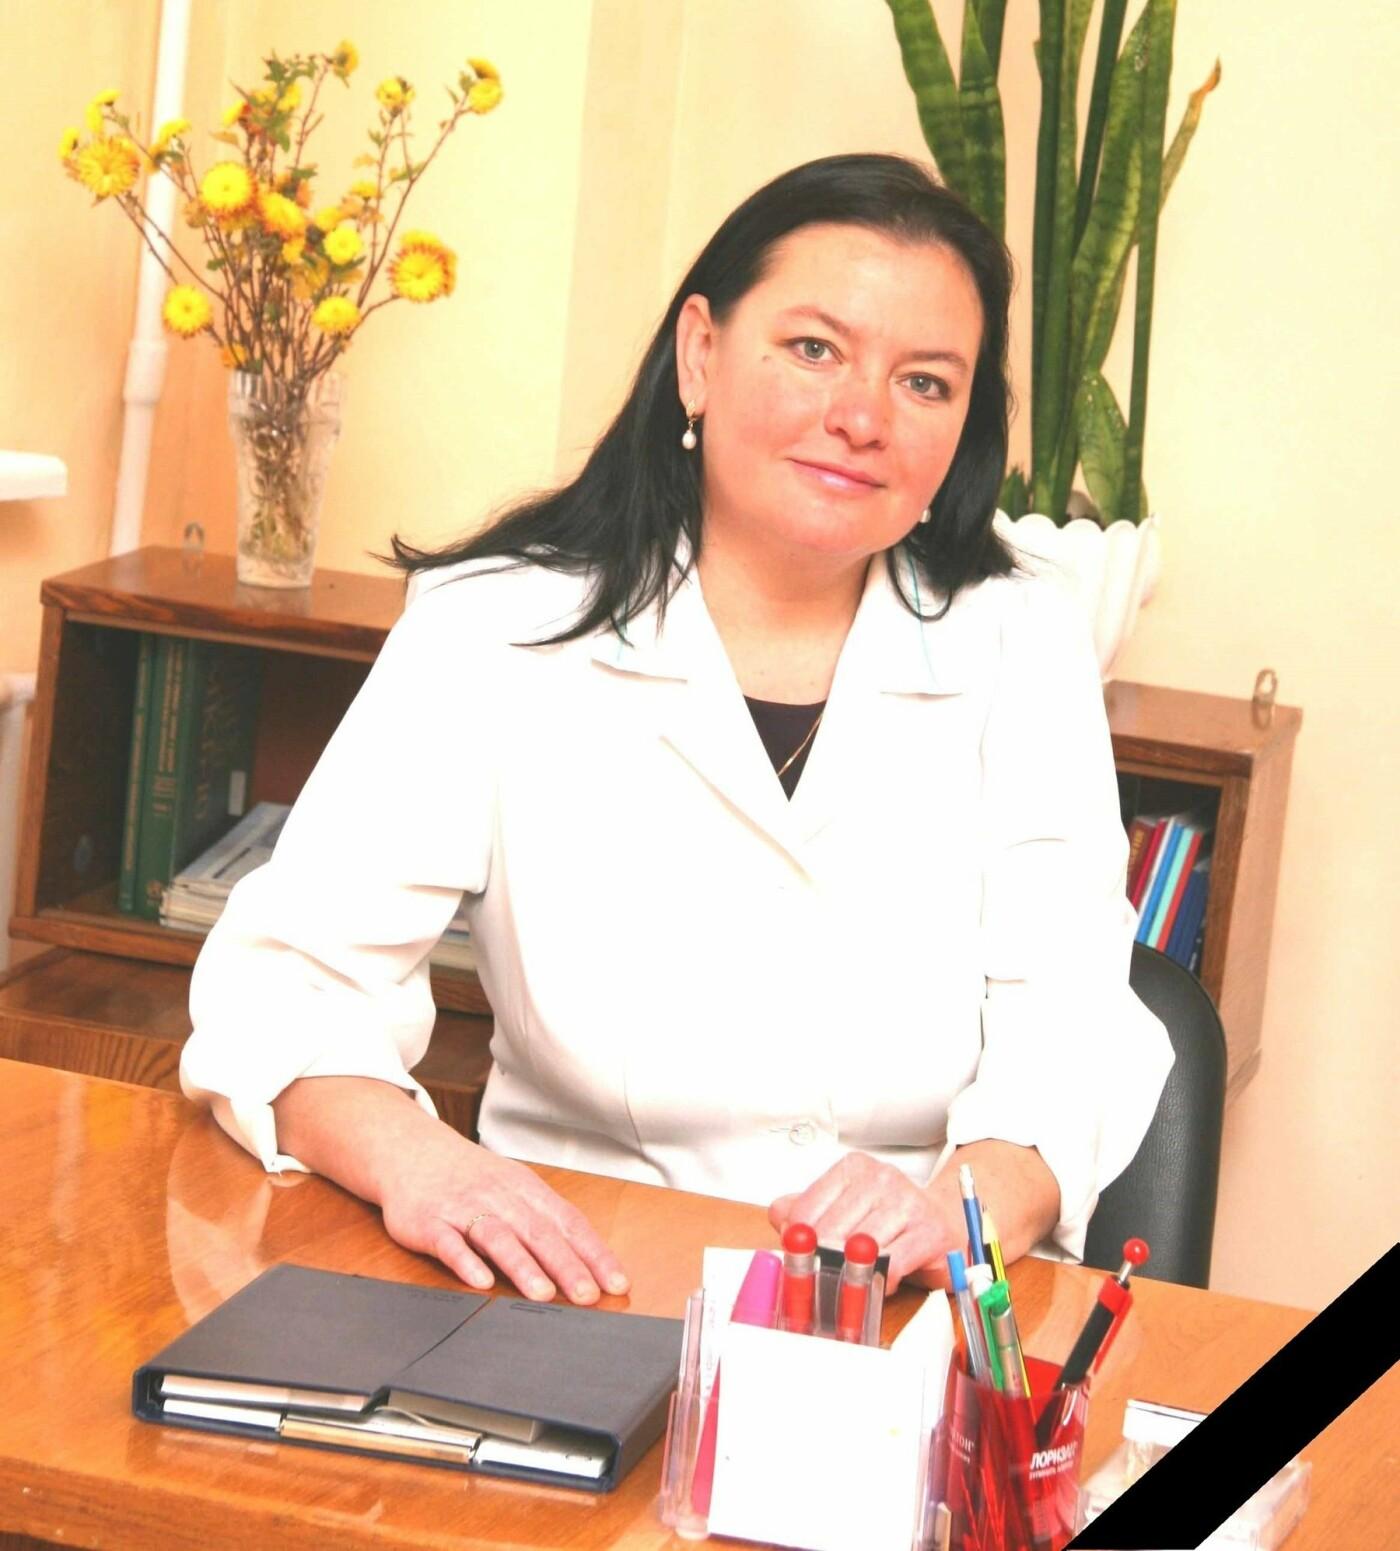 В Сумах умерла заместитель главврача по амбулаторно-поликлинической помощи, фото-1